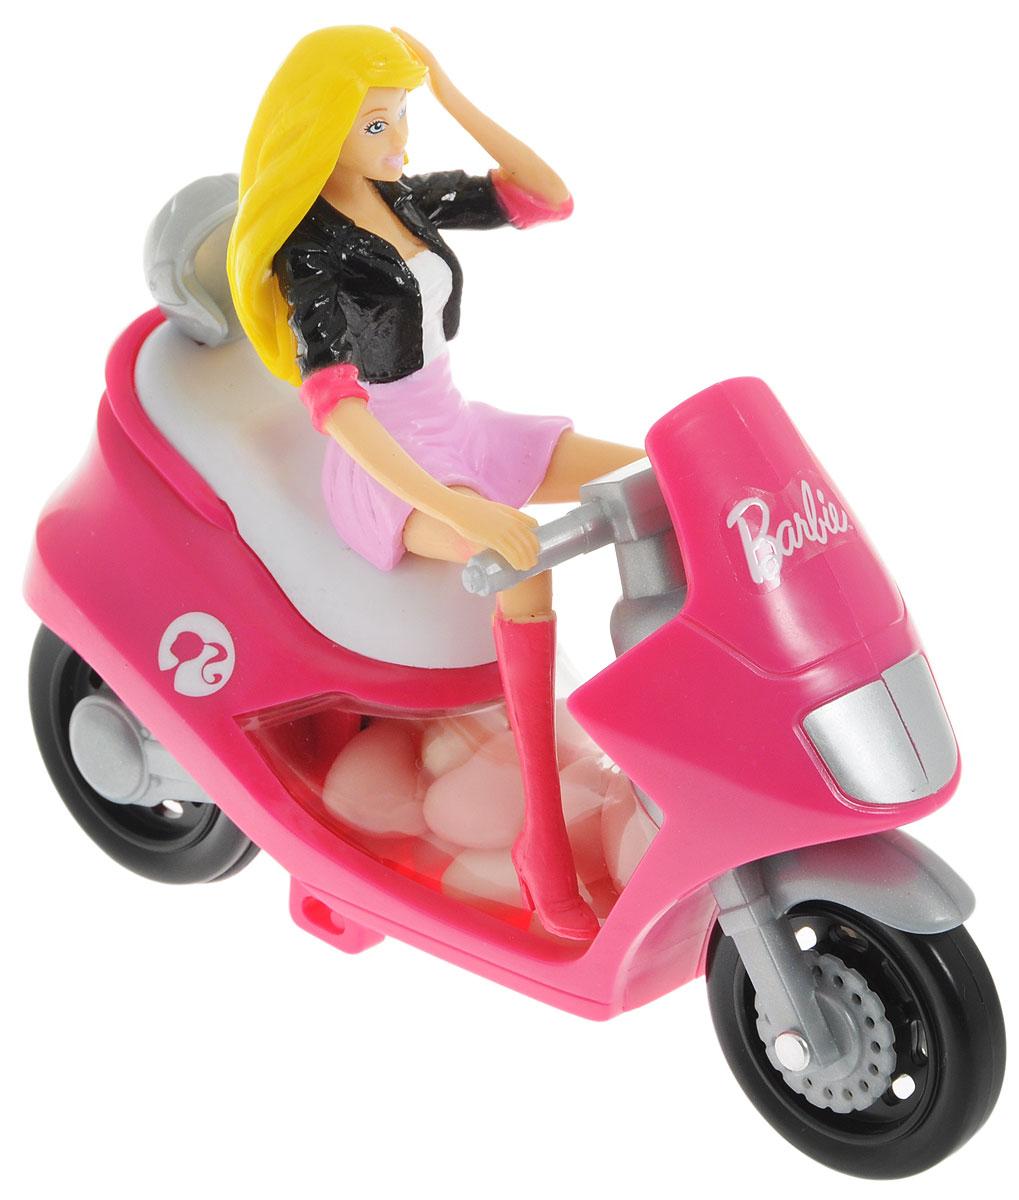 Barbie конфеты драже с малиновым скутером, 10 г4004641216987_скутер малиновыйИгрушка для девочек, выполненная в виде Barbie на скутере. К скутеру прикреплен мини-контейнер с 10 граммами драже.